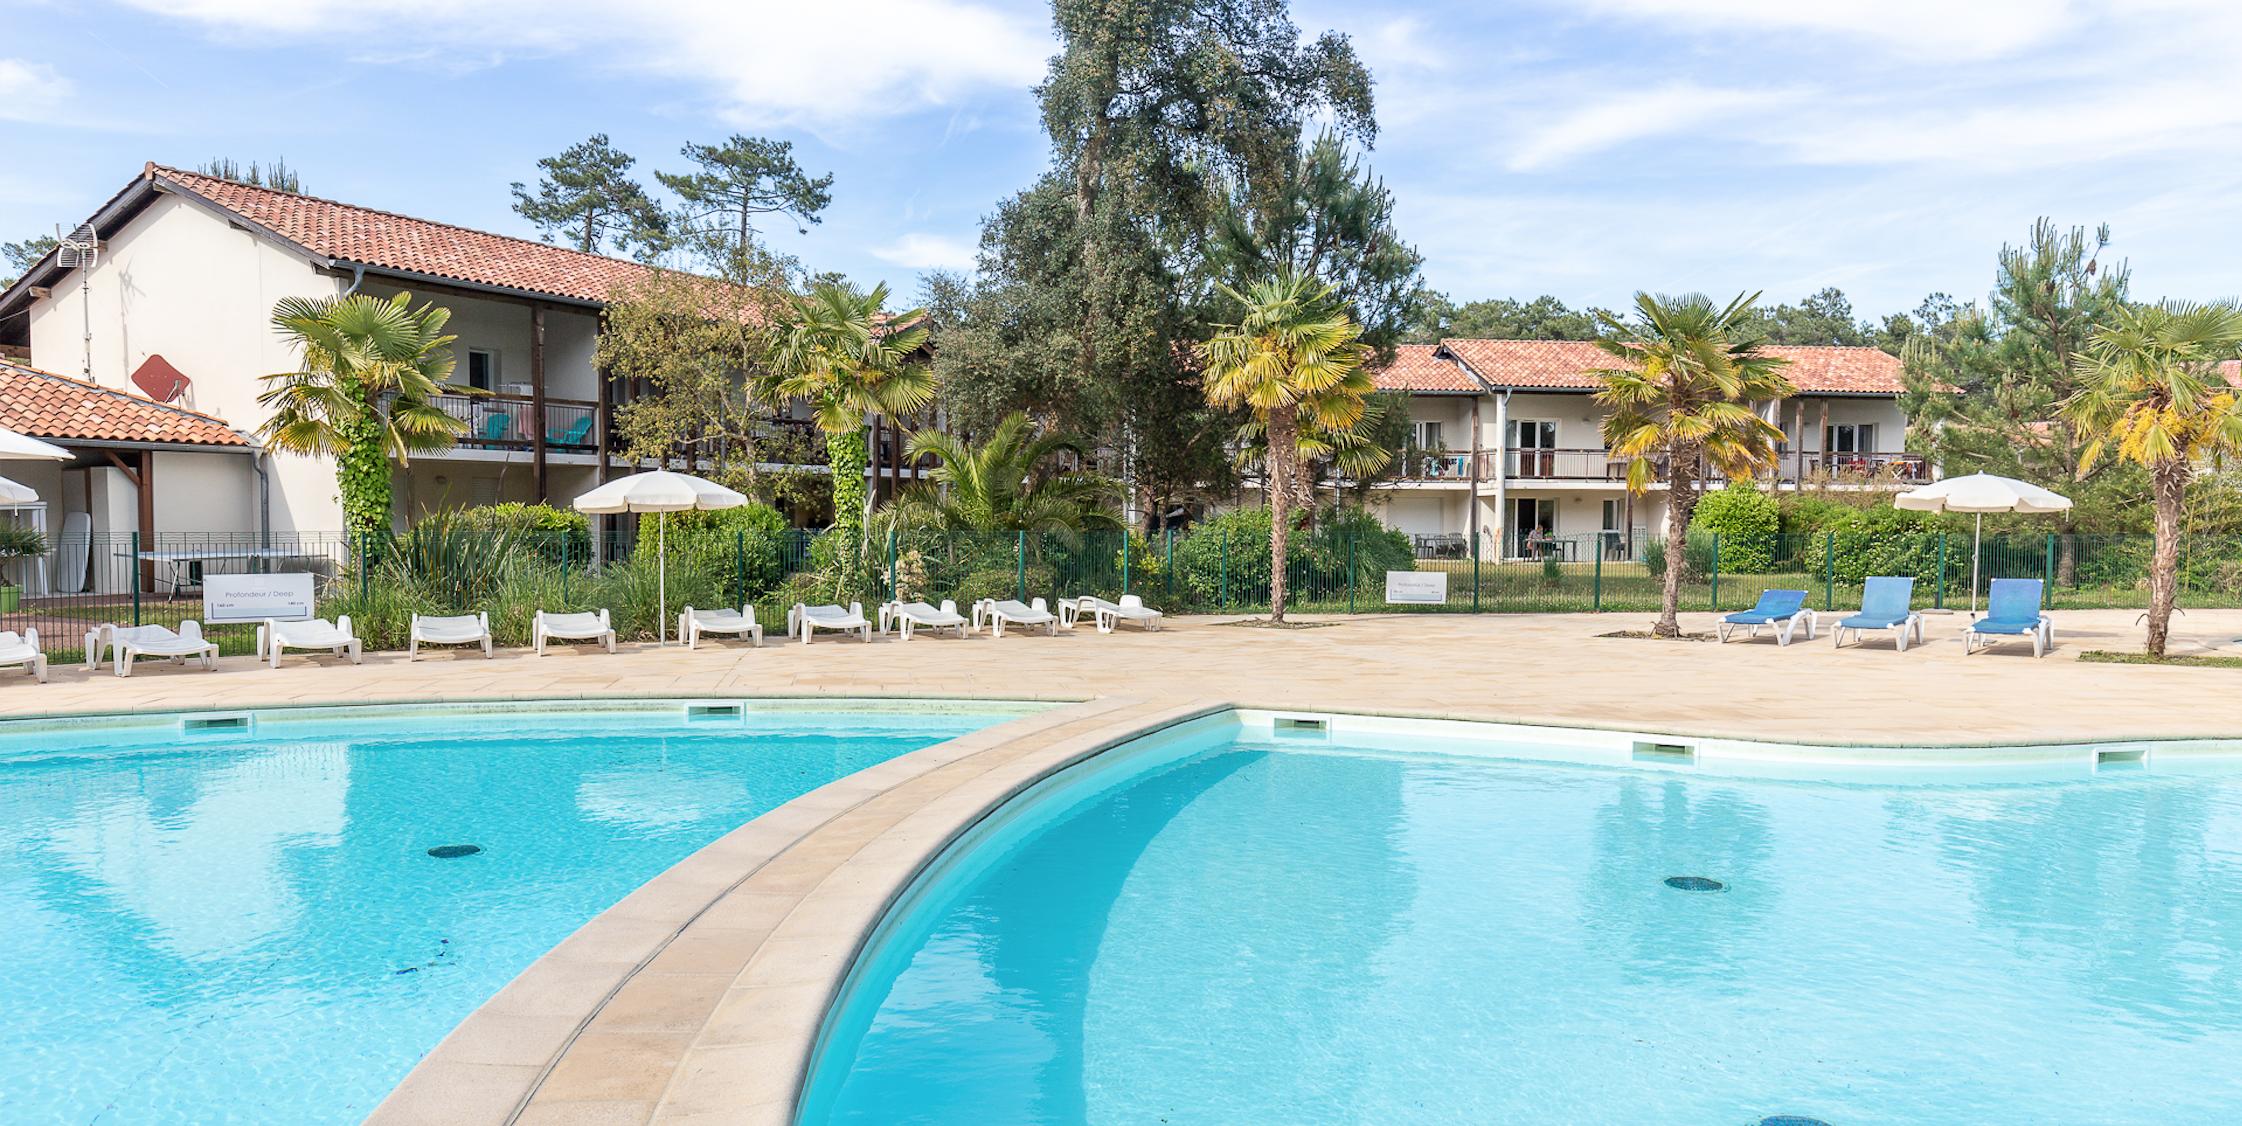 reportajes fotos hoteles turismo vacancéole myphotoagency